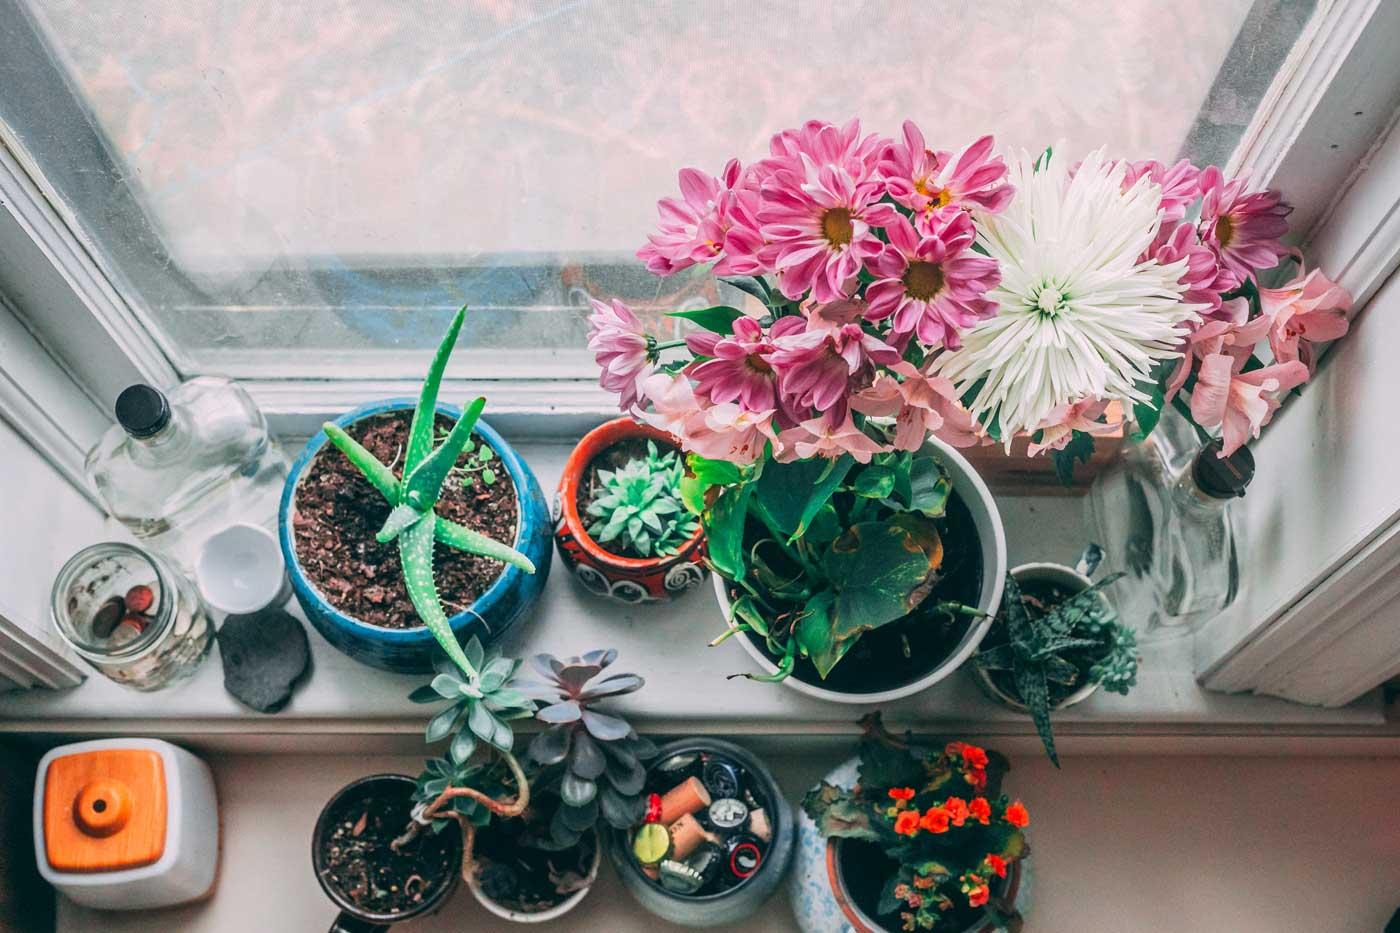 kilka kwiatków doniczkowych postawionych na parapecie